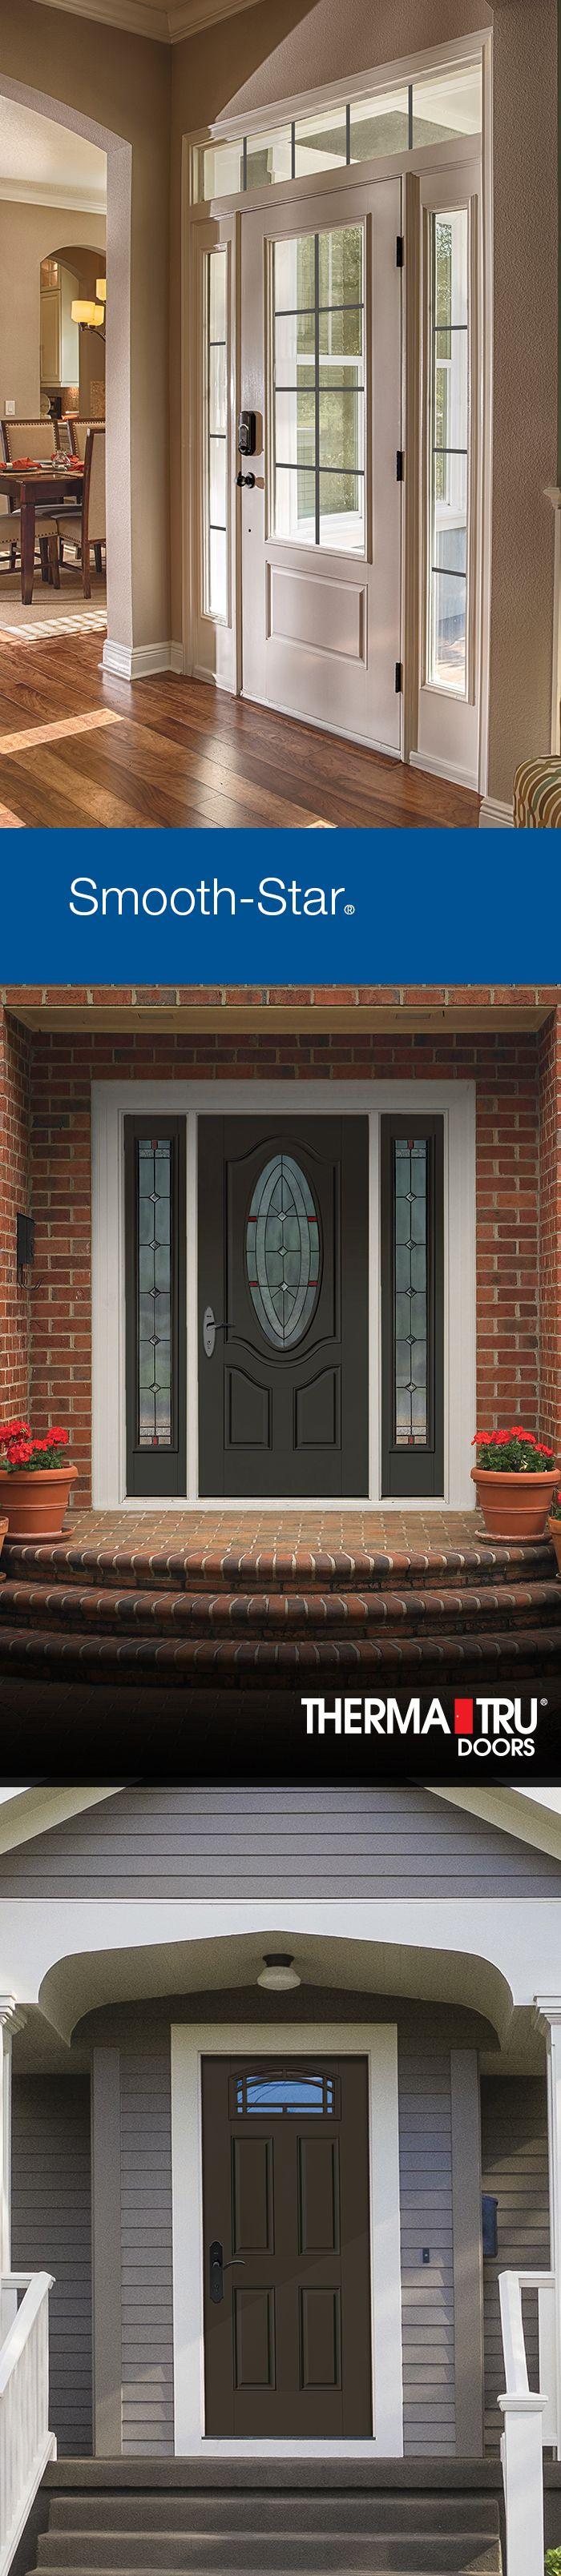 10 best therma tru door collections images on pinterest fiberglass